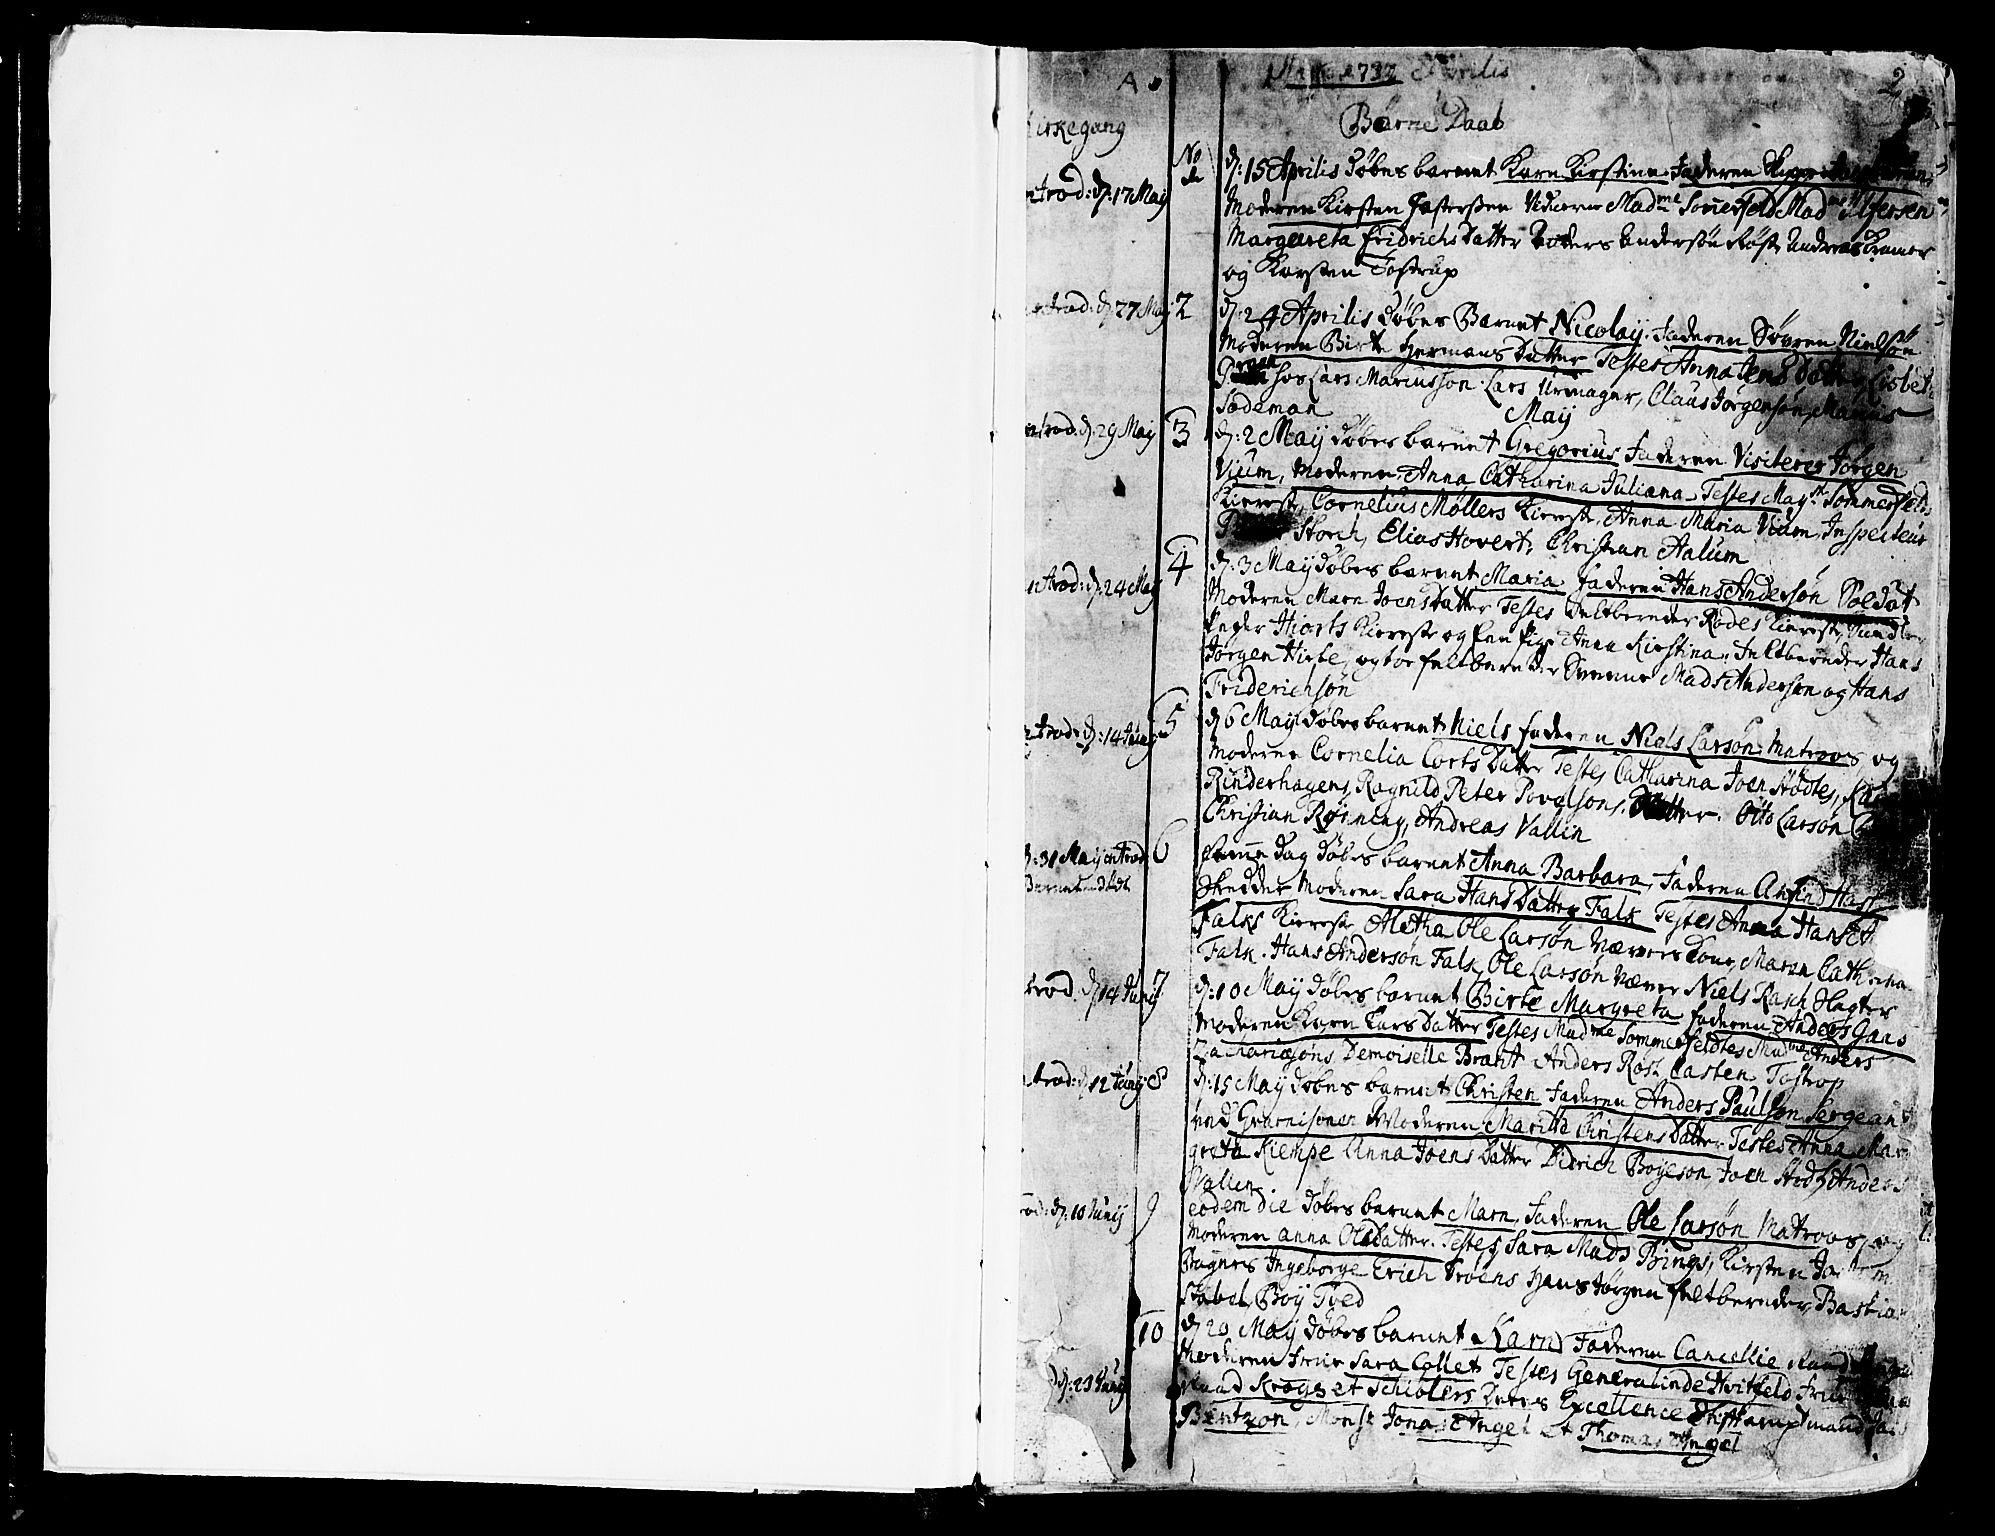 SAT, Ministerialprotokoller, klokkerbøker og fødselsregistre - Sør-Trøndelag, 602/L0103: Ministerialbok nr. 602A01, 1732-1774, s. 2